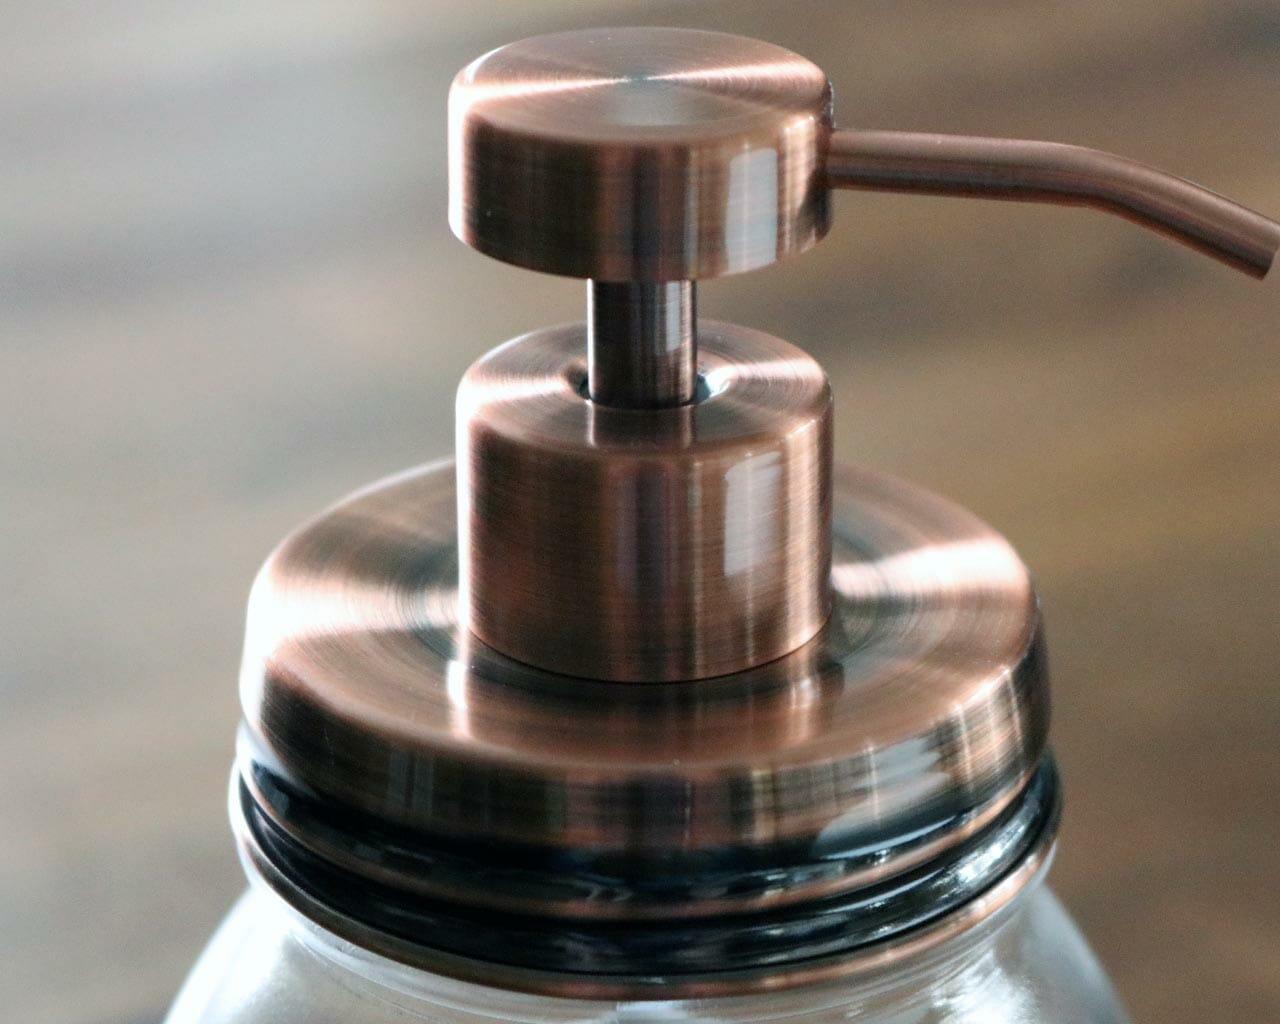 Vintage Copper Soap Pump Lid Kit For Regular Mouth Mason Jars